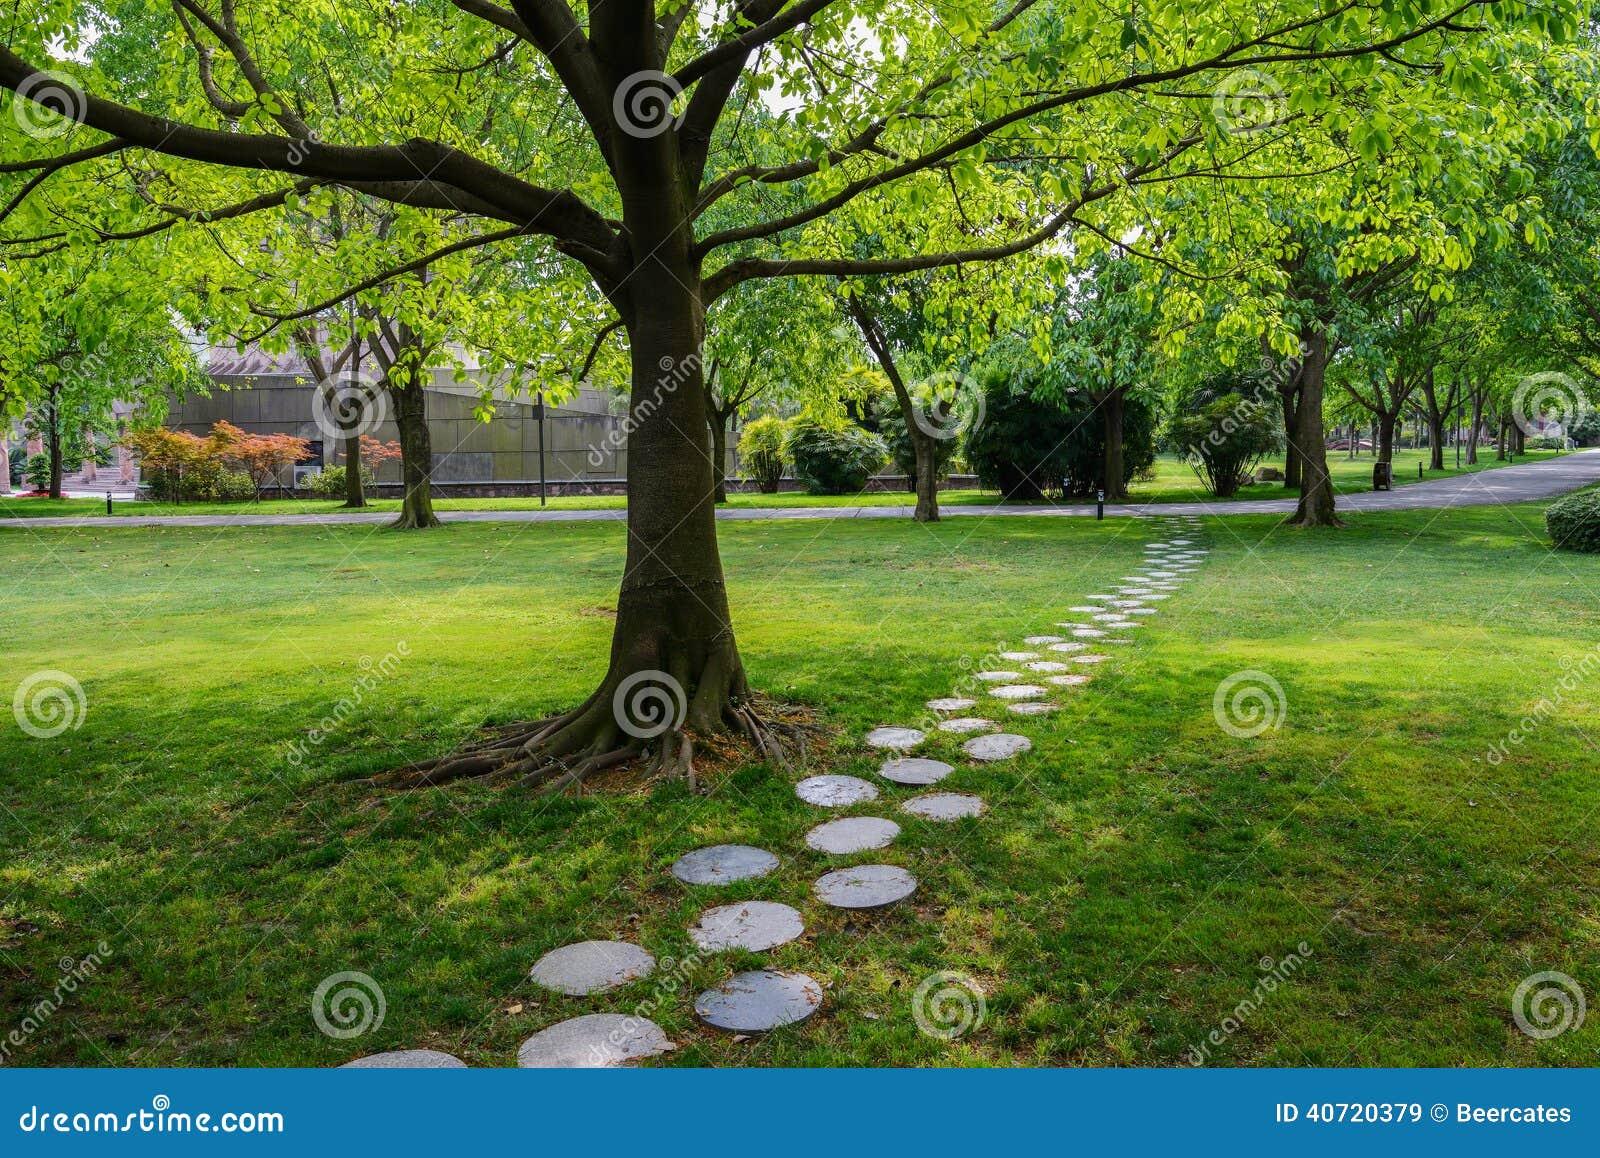 chemin en pierre rond l 39 ombre de l 39 arbre photo stock image 40720379. Black Bedroom Furniture Sets. Home Design Ideas